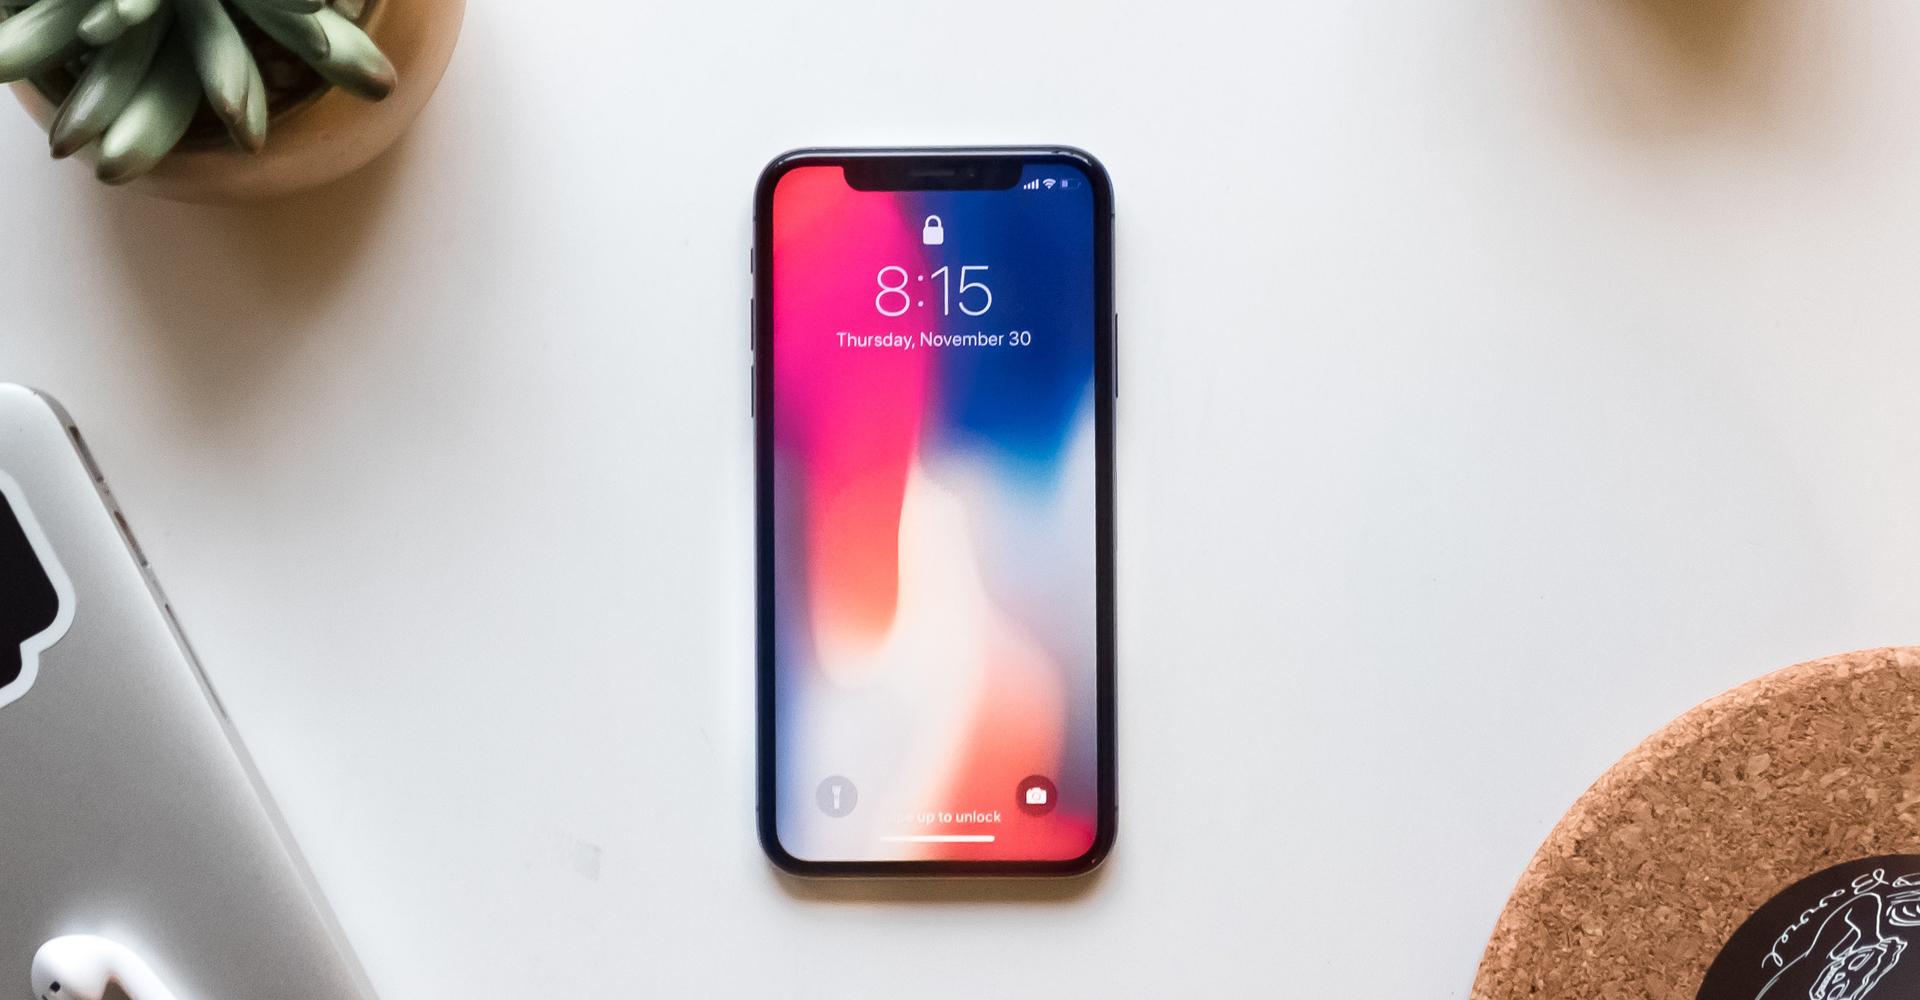 Das neue iPhone X liegt auf einem weißen Schreibtisch.